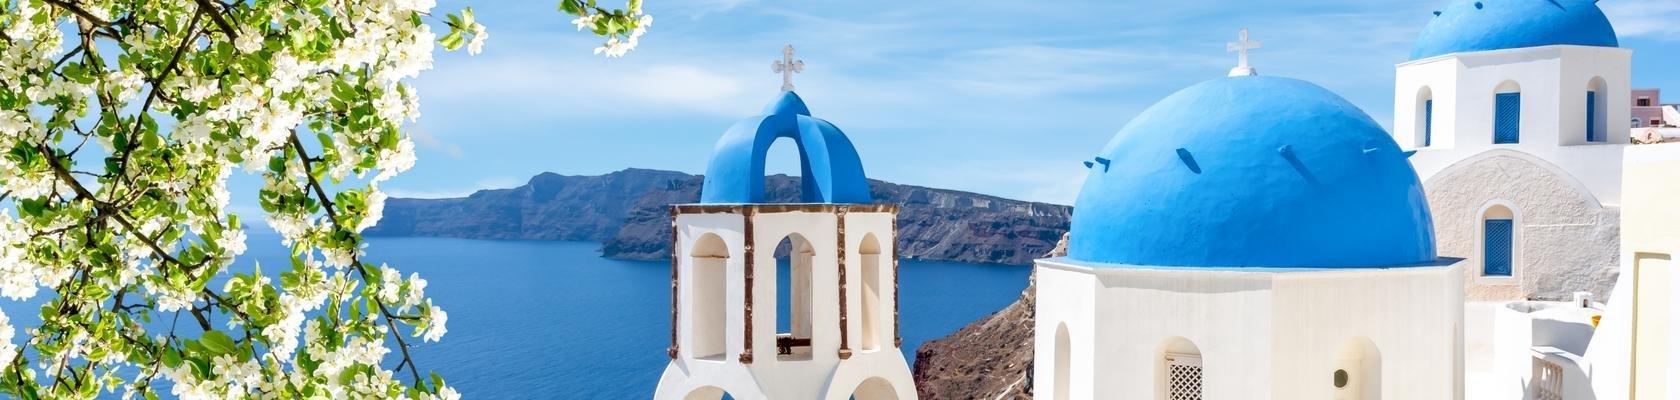 De blauwe koepeltjes van Oia op Santorini